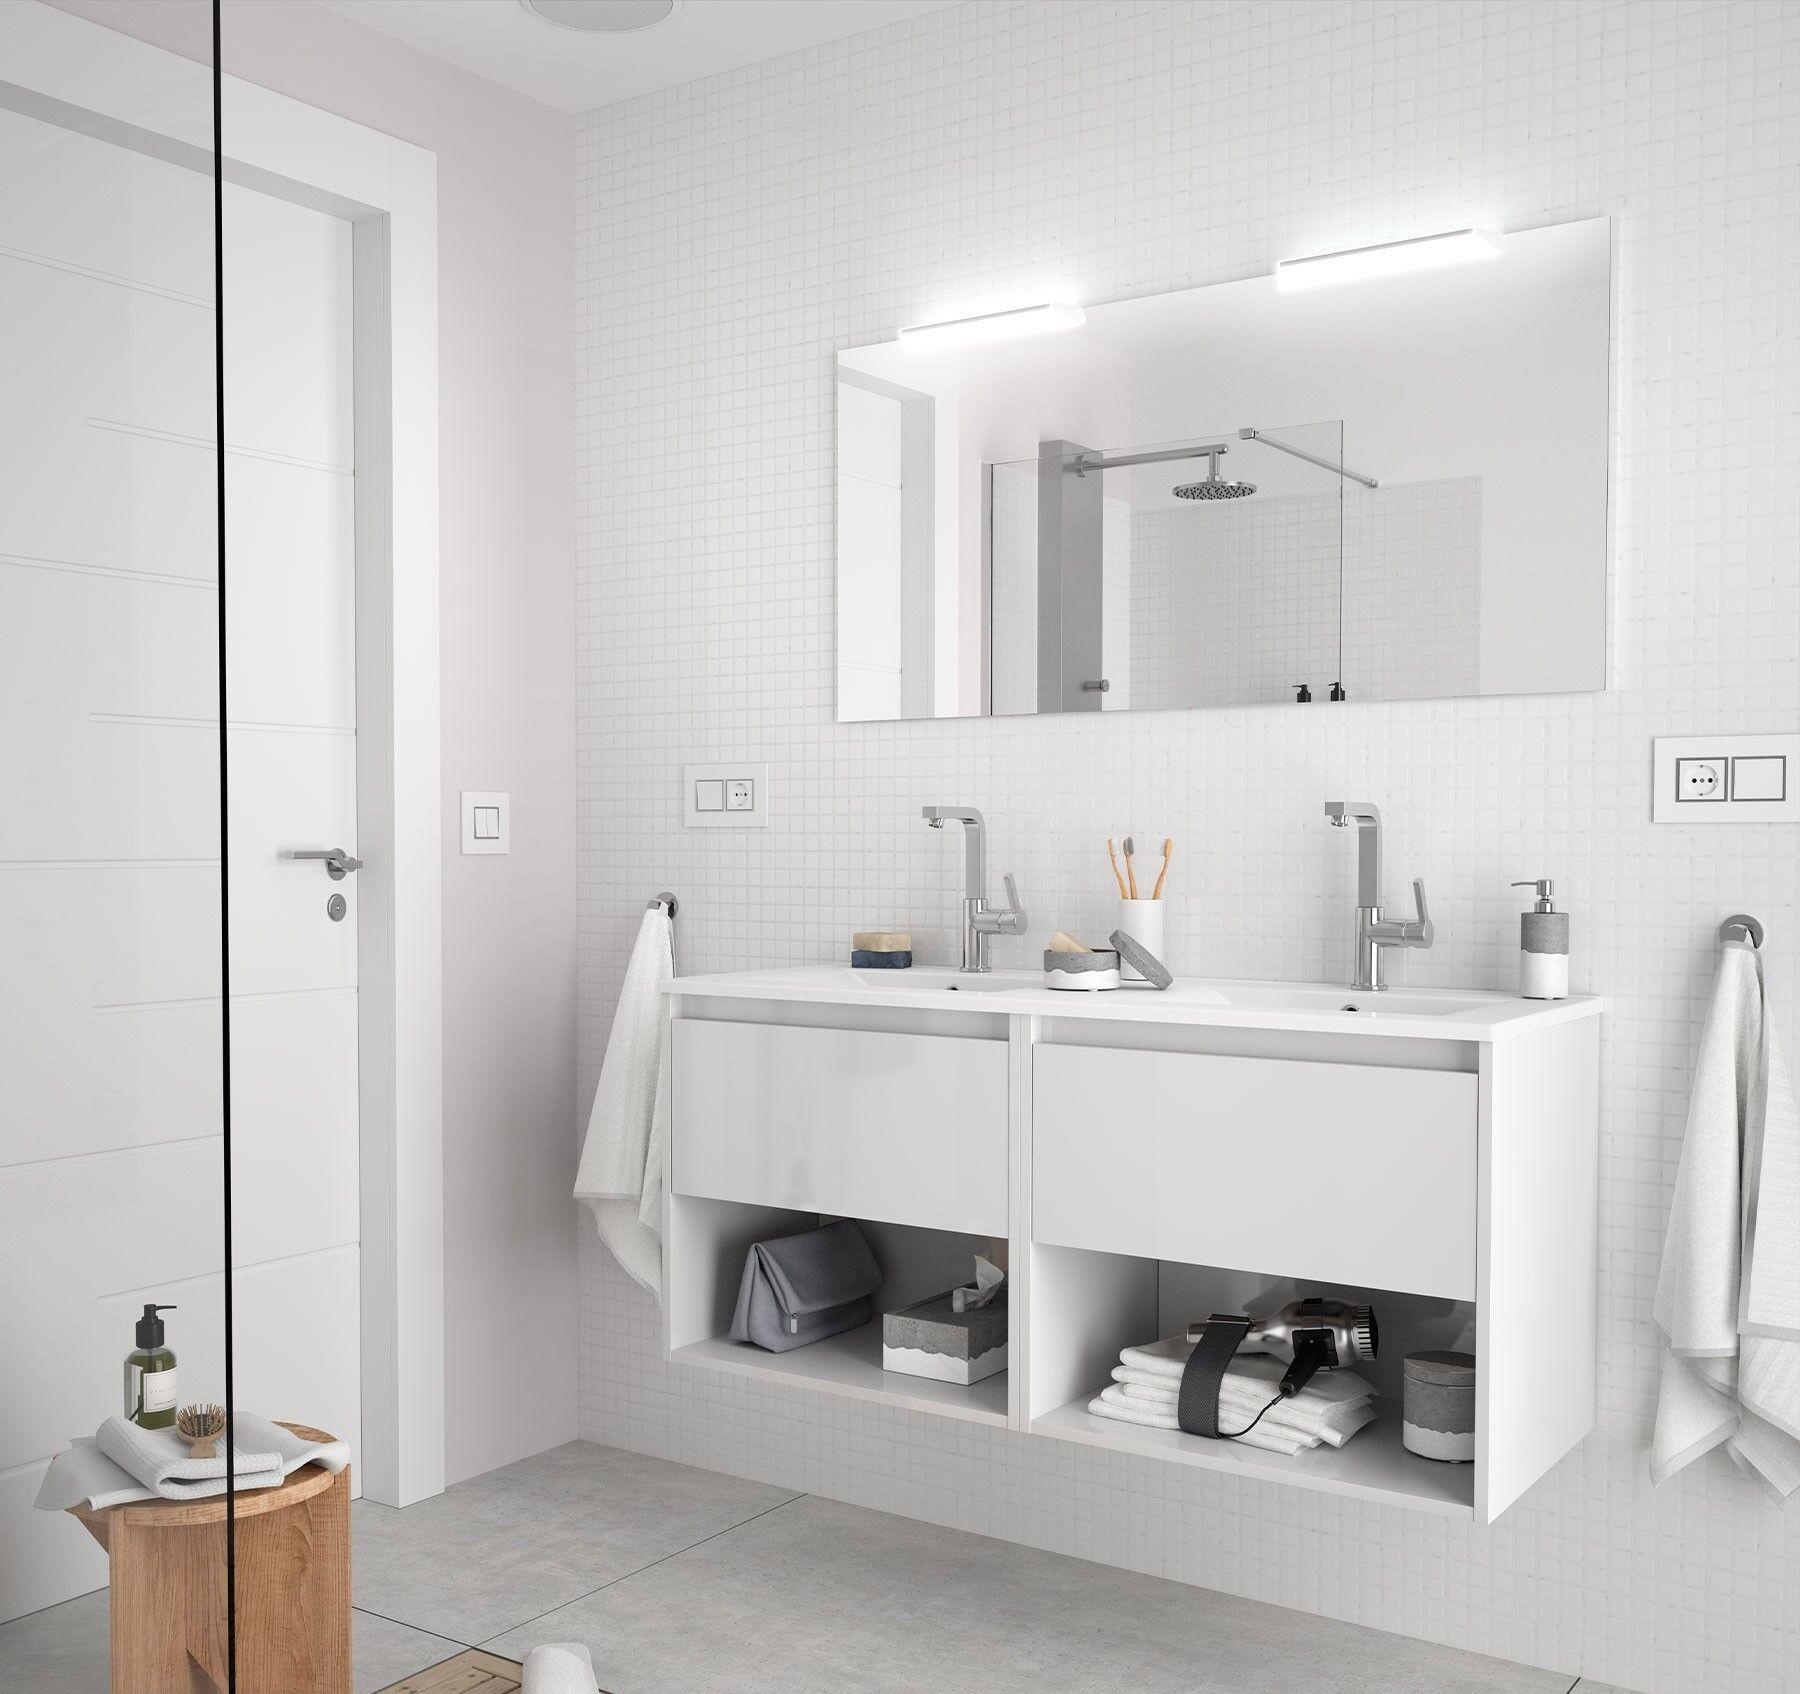 CAESAROO Meuble de salle de bain suspendu 120 cm Blanc brillant avec deux tiroirs et deux espaces   120 cm - Avec double miroir et lampe LED